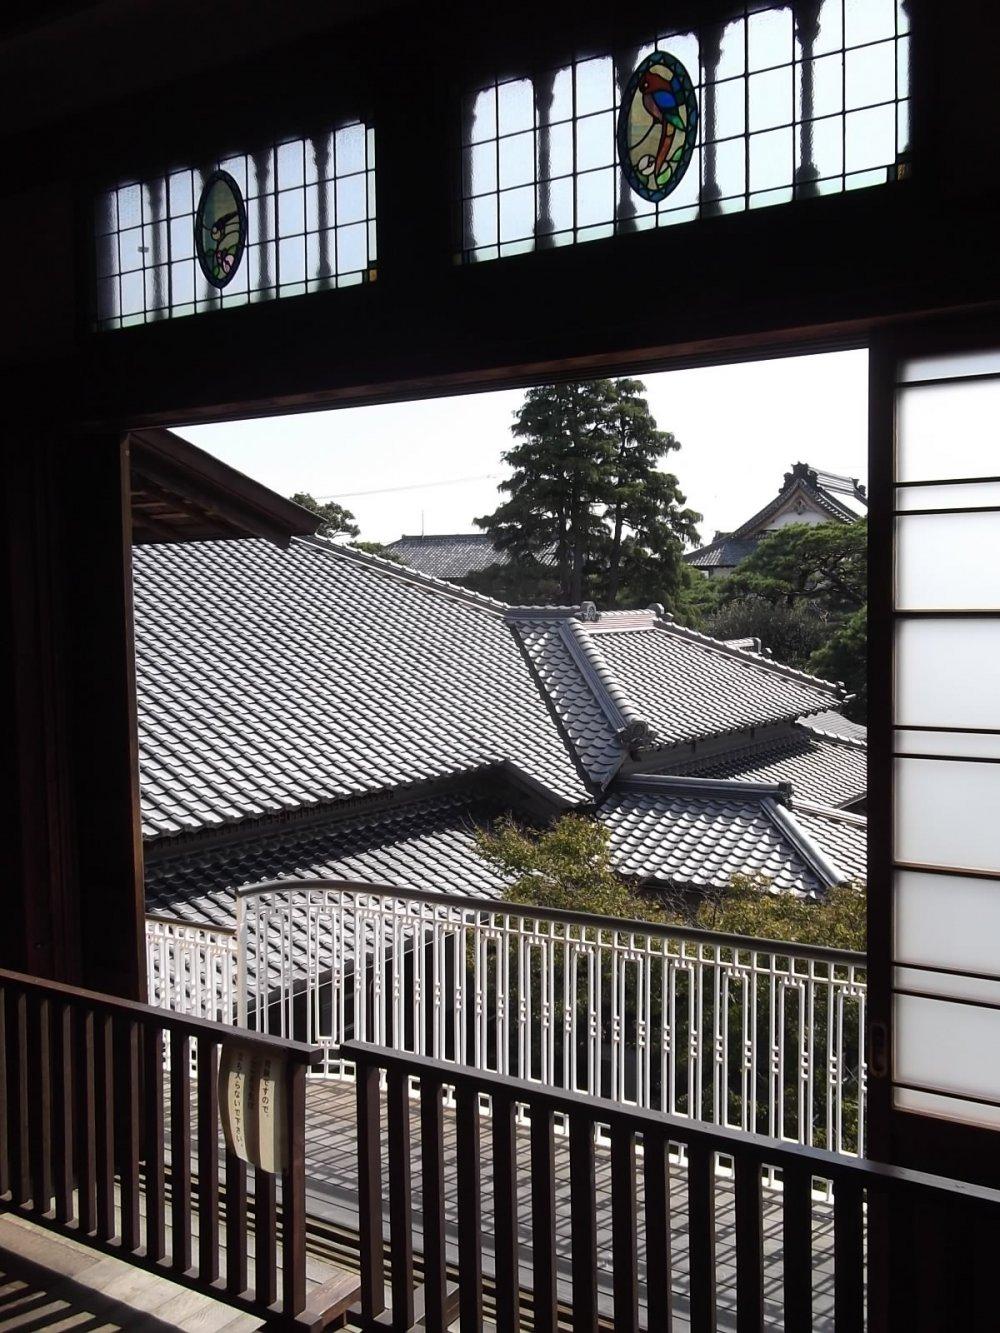 Над балконом располагаются два застекленных окна с мозаикой